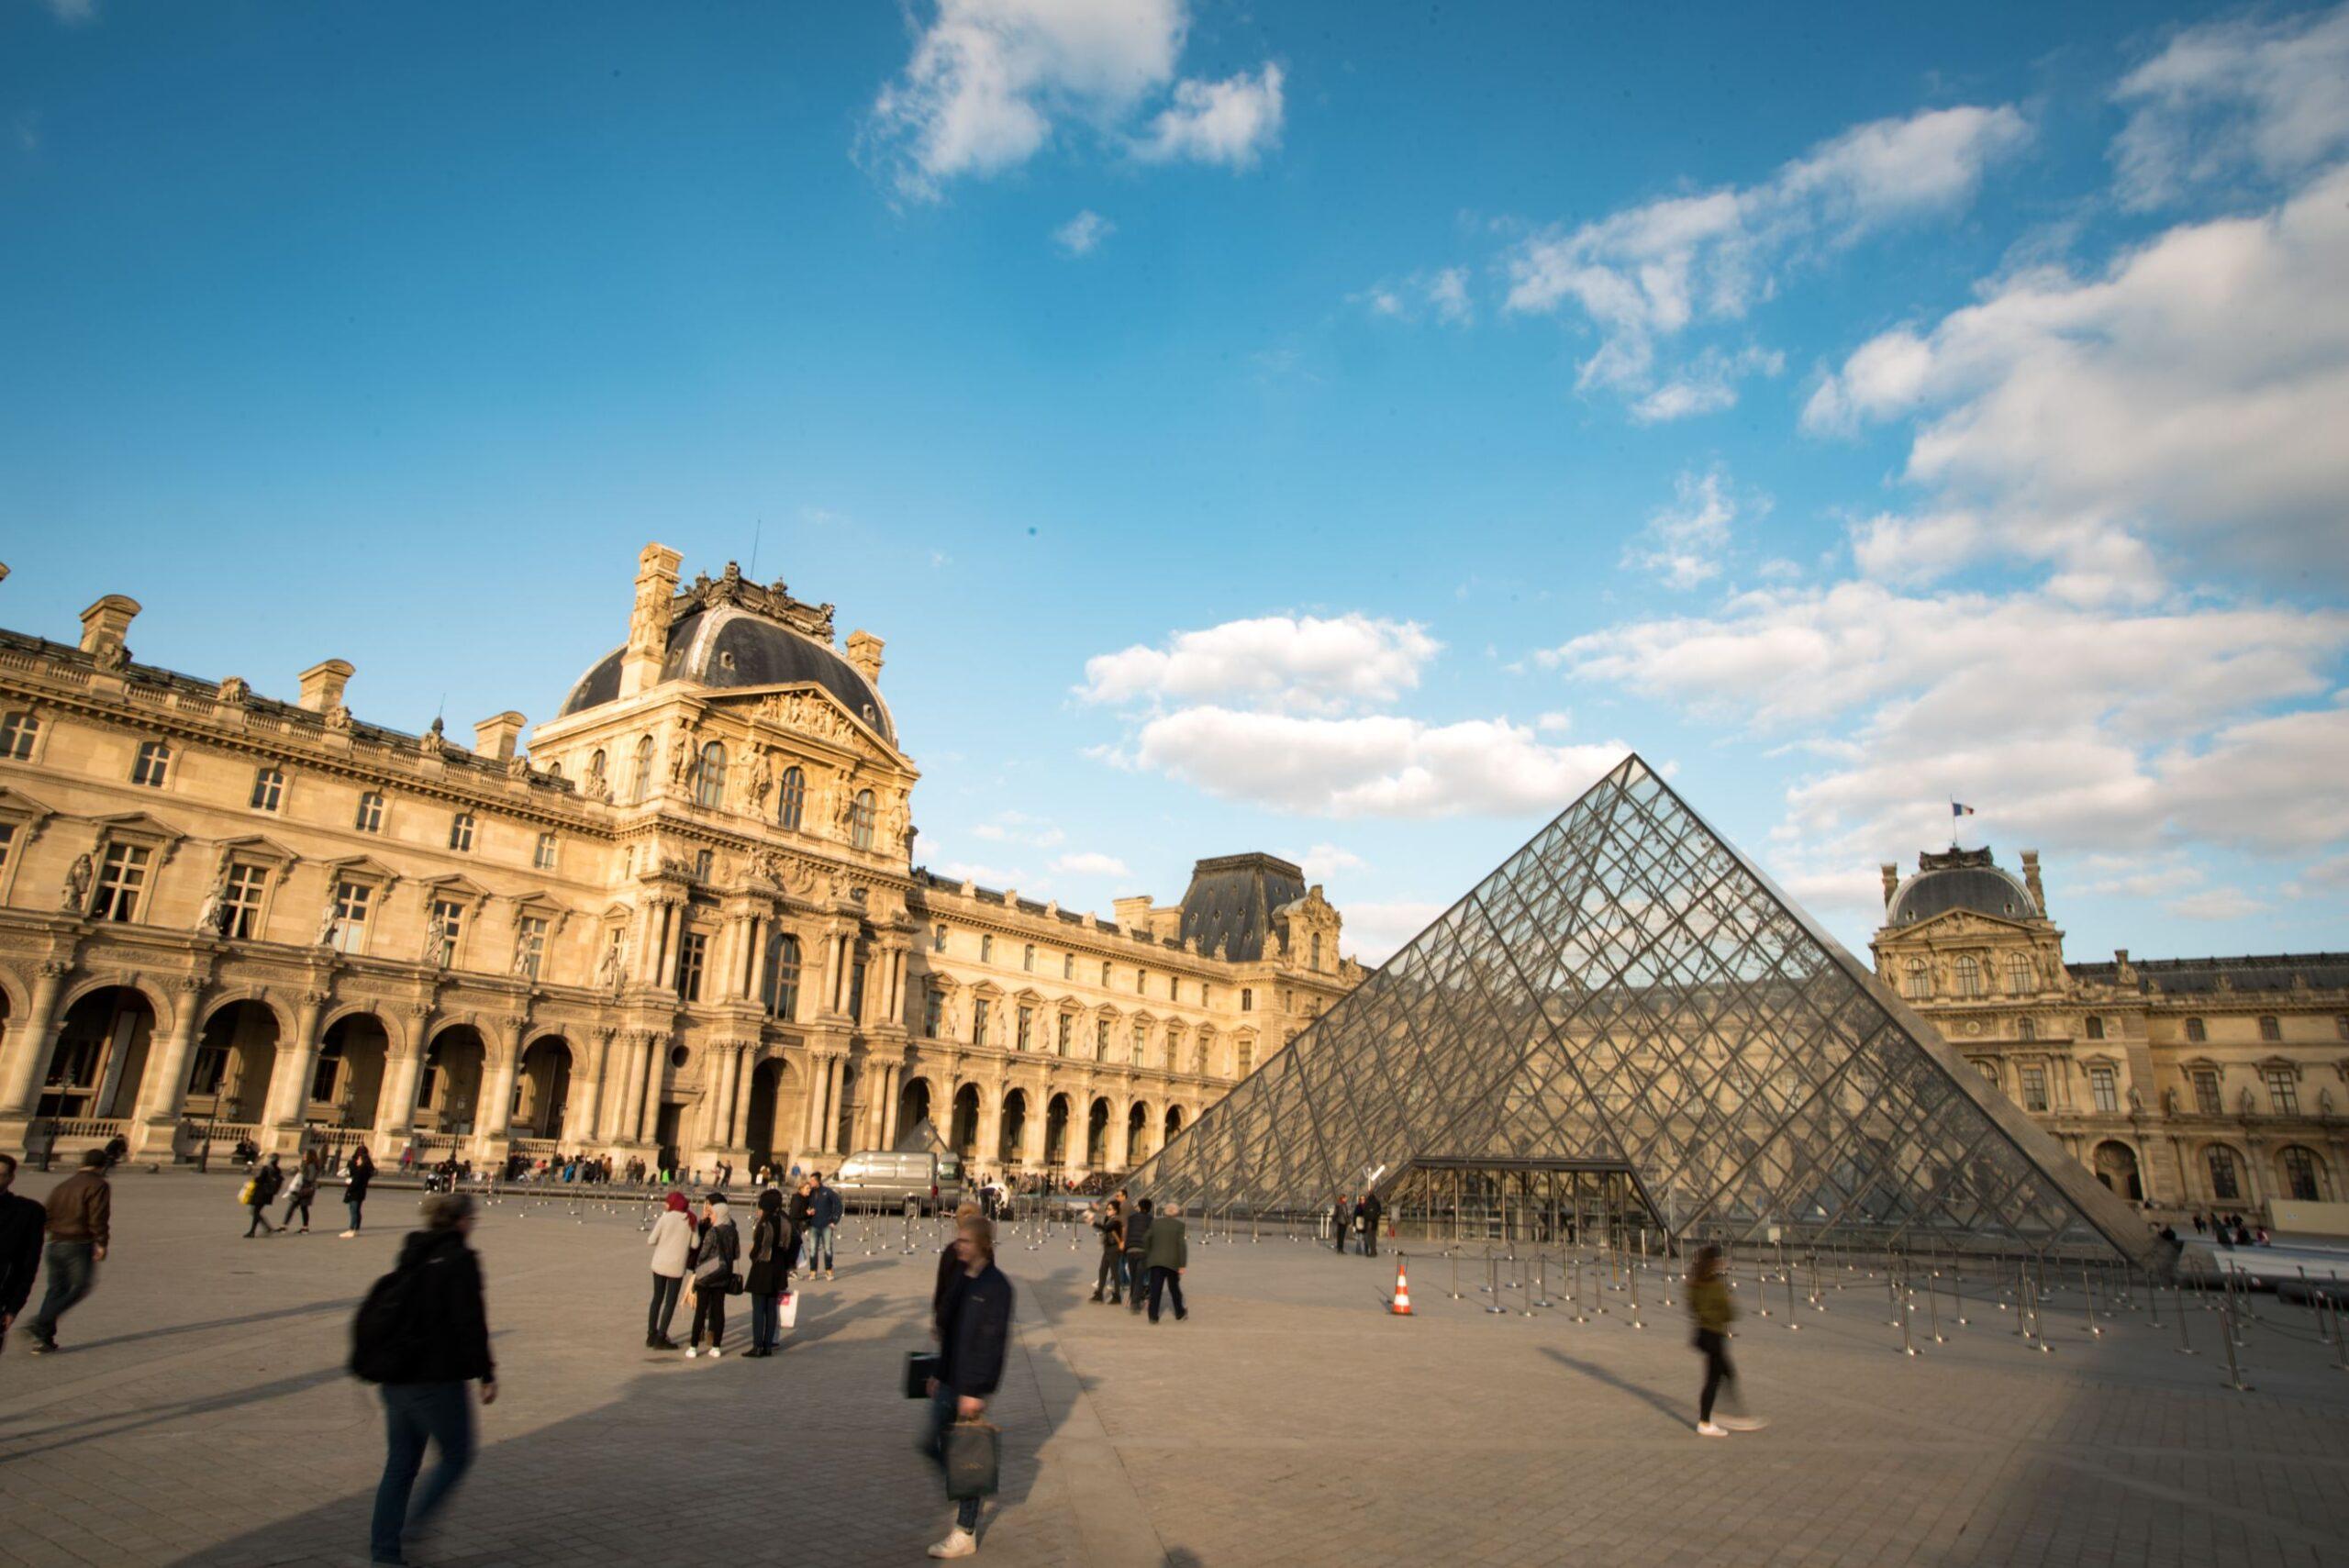 Paris Attractions by Arrondissement - Guide To Paris' Neighborhoods: Le Louvre